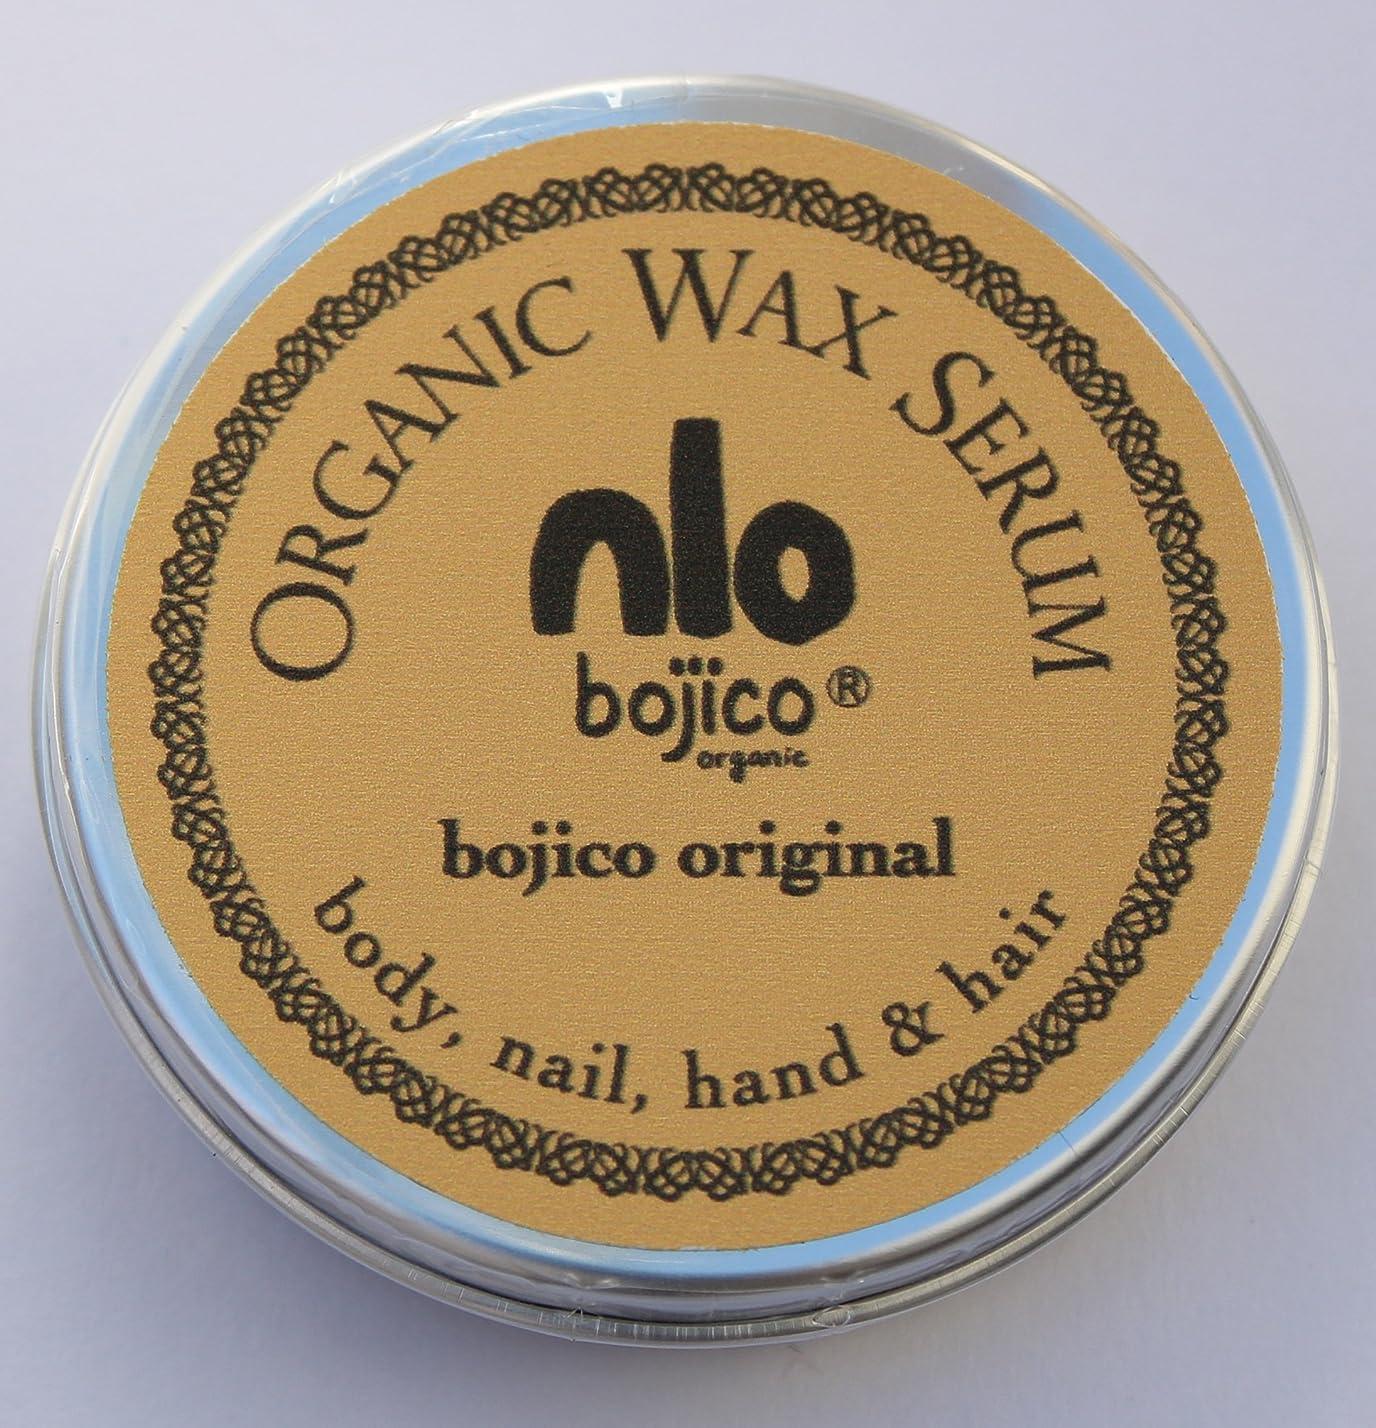 ズボン制裁アメリカbojico オーガニック ワックス セラム<オリジナル> Organic Wax Serum 18g